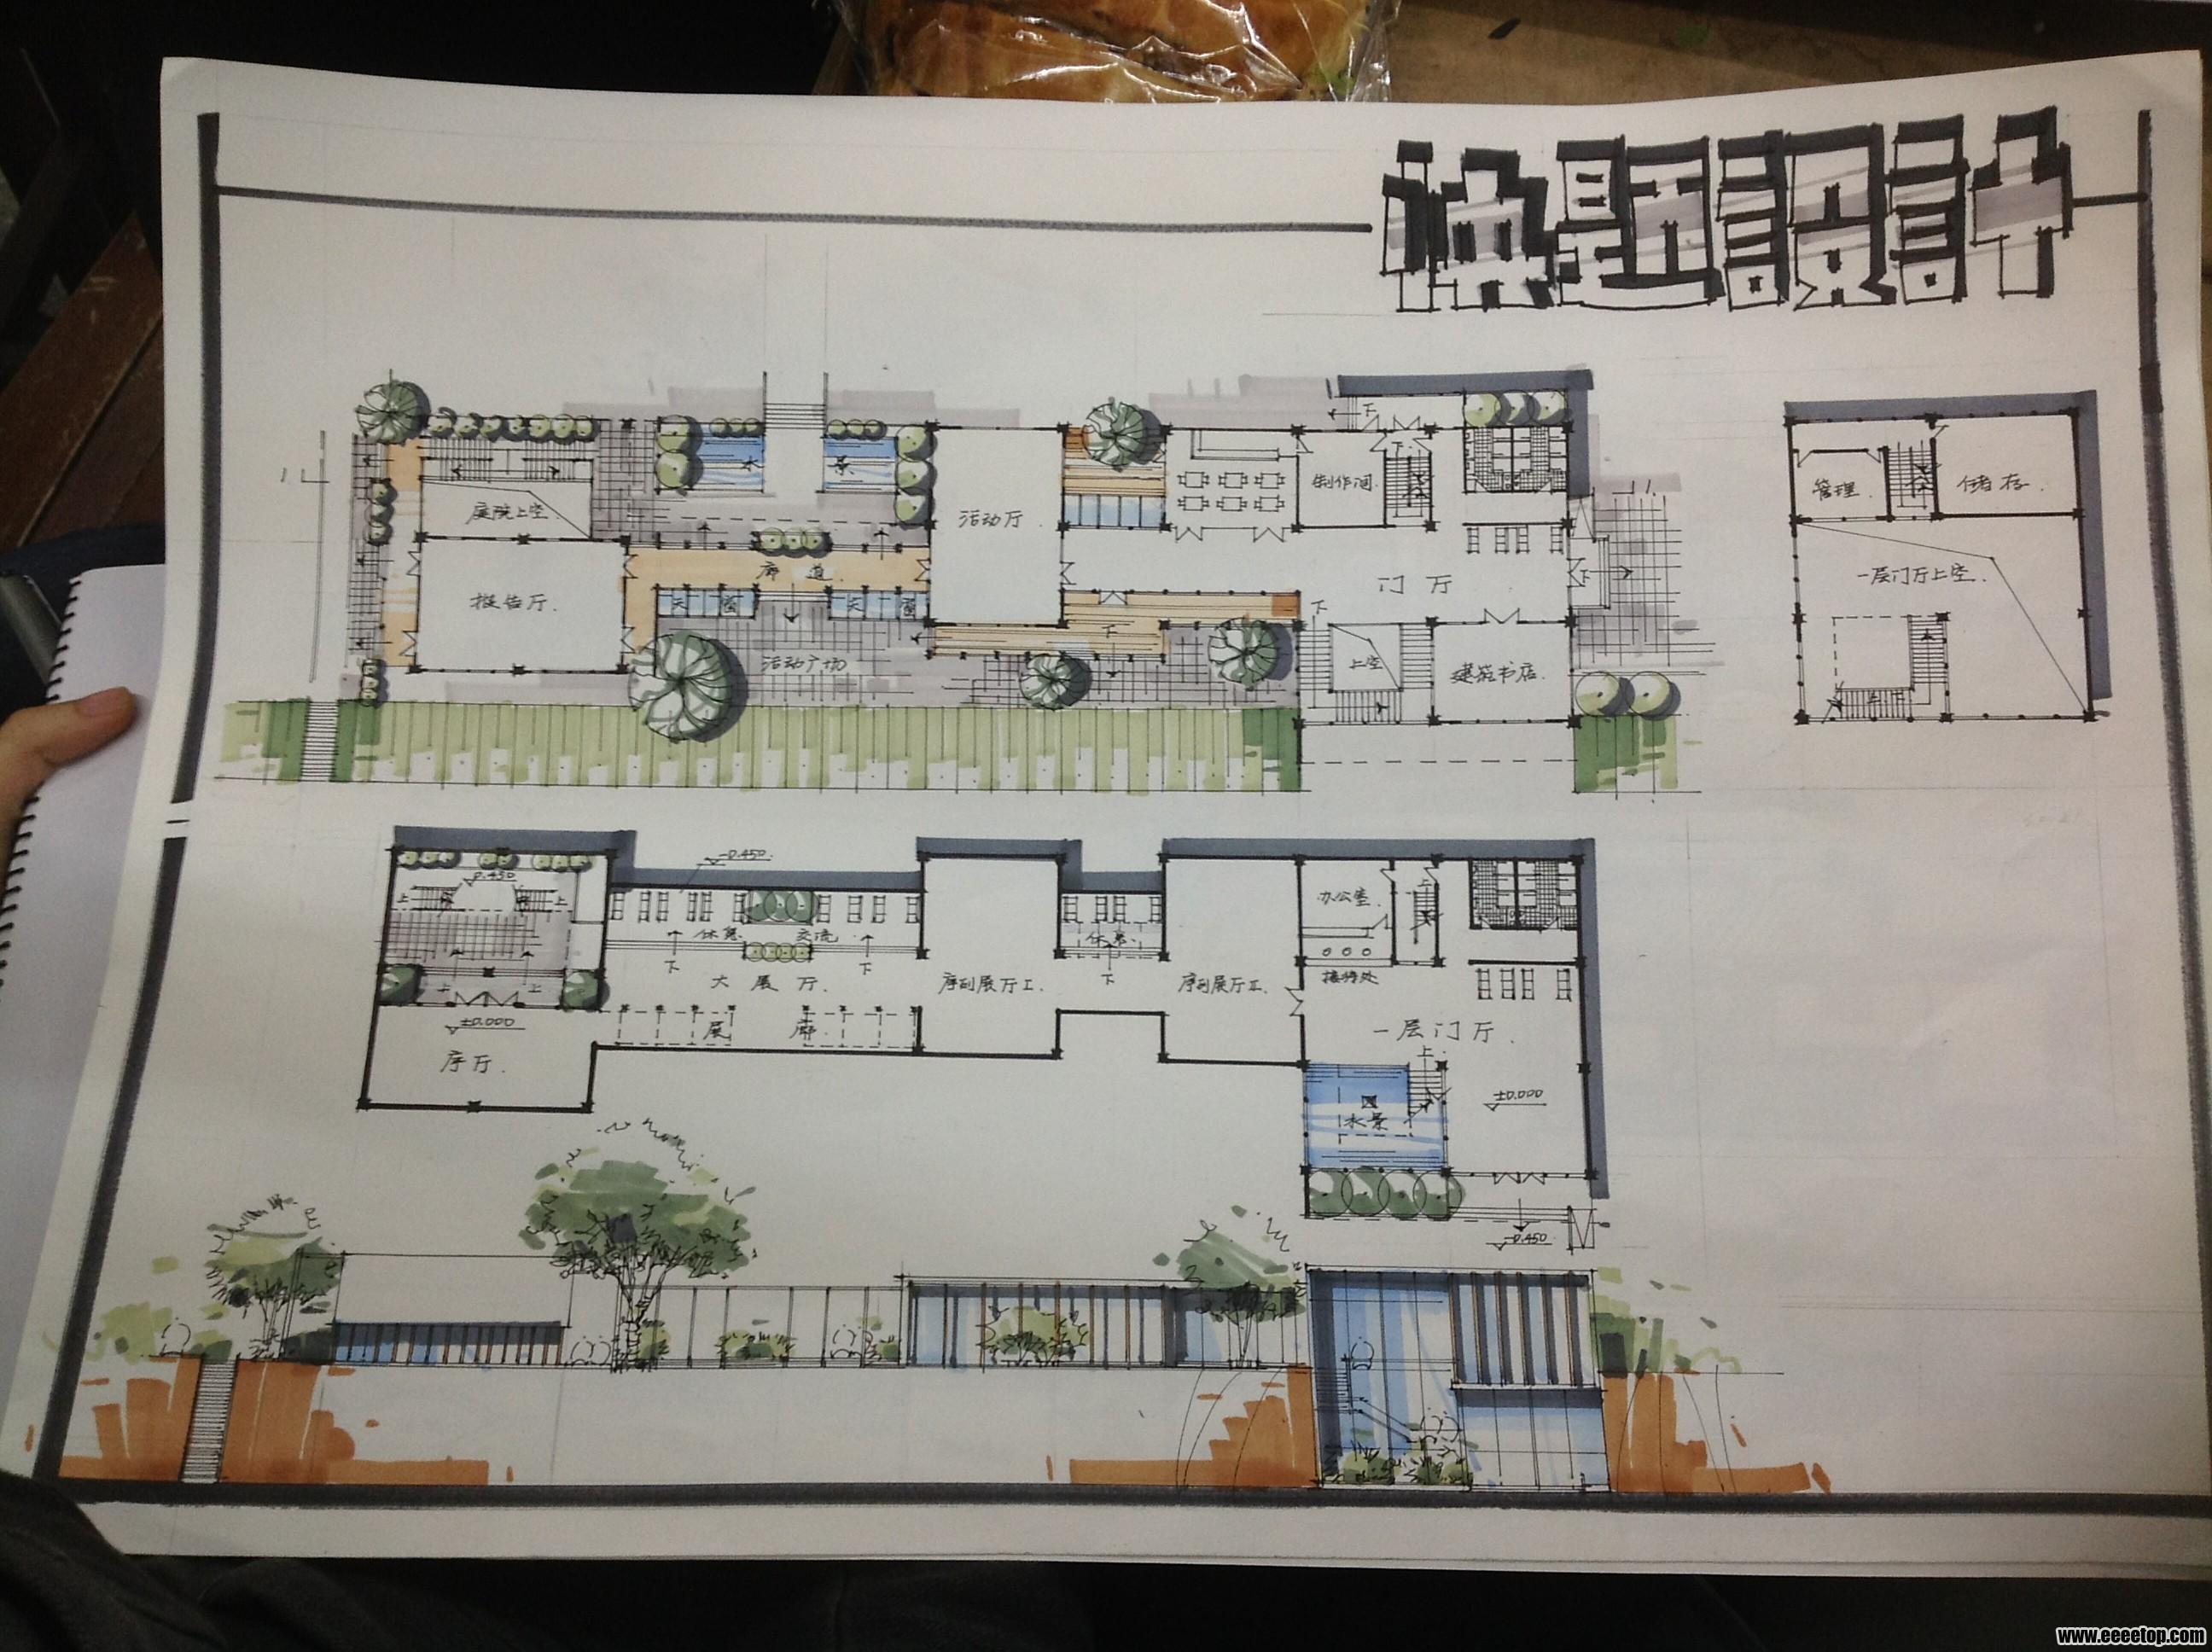 快题设计 - 大学生设计广场